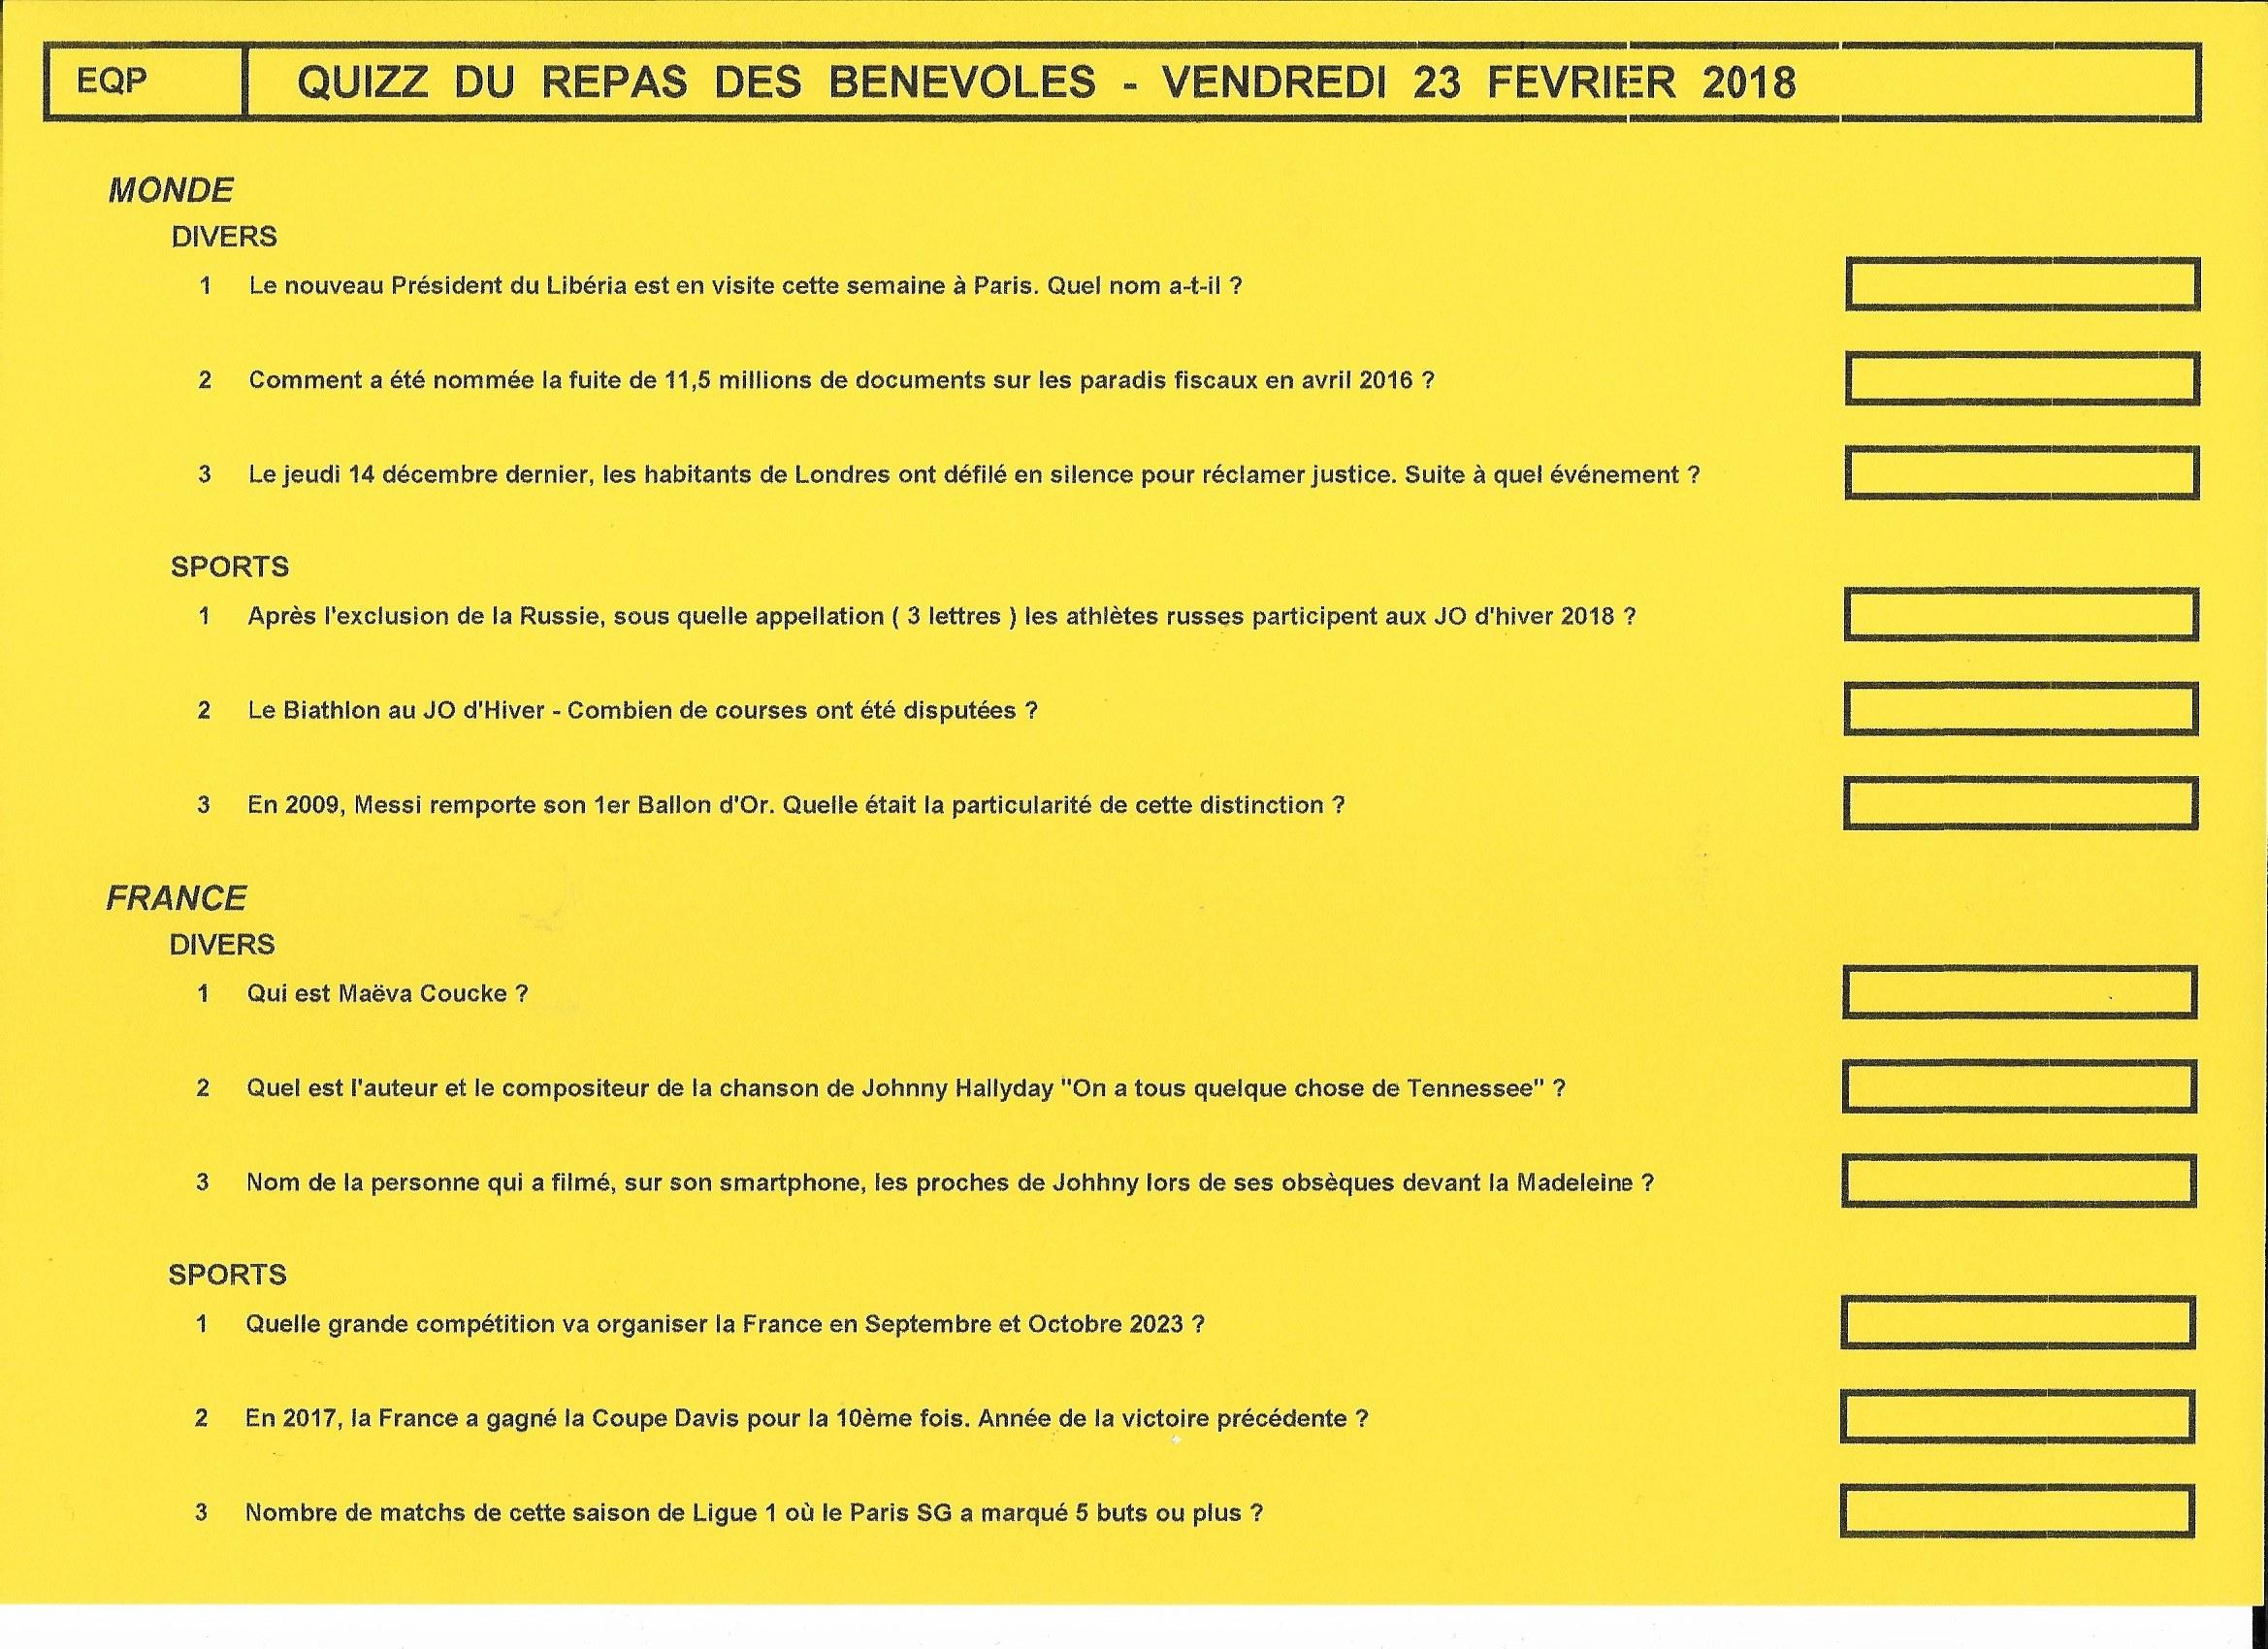 2017-2018_Repas Benevoles_Quiz 1.jpg